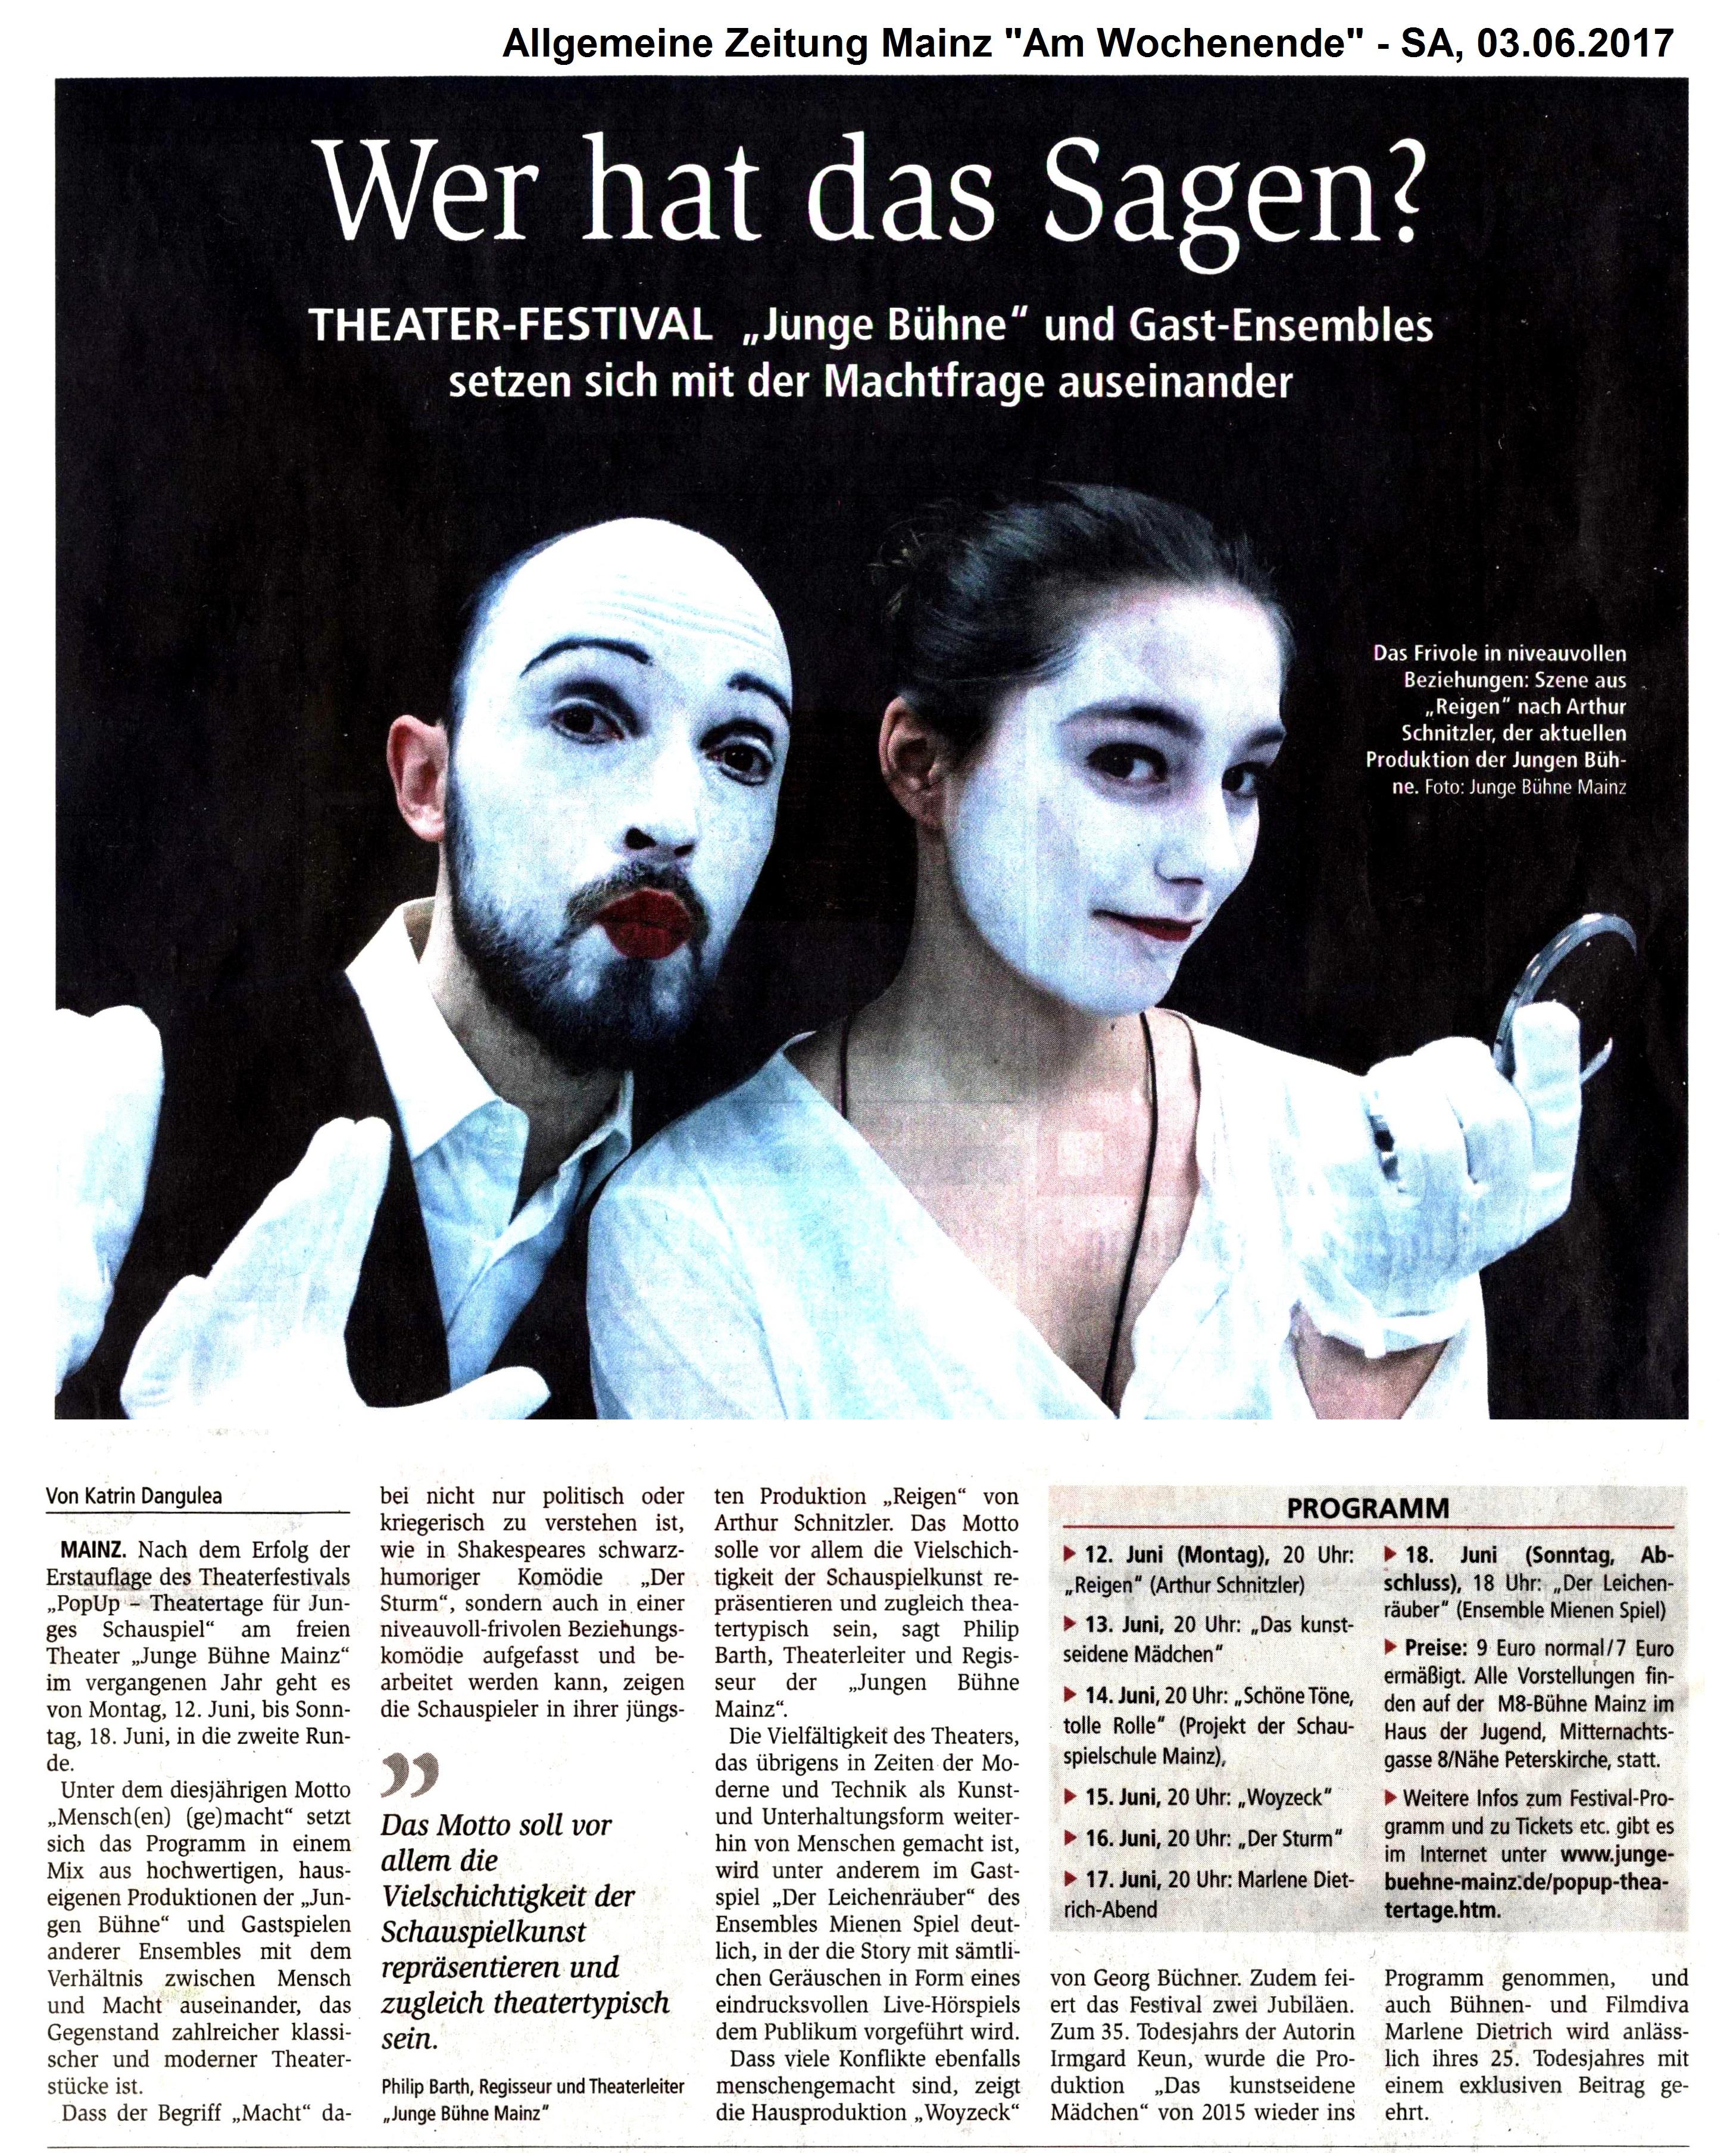 Popup Theatertage Für Junges Schauspiel Junge Bühne Mainz